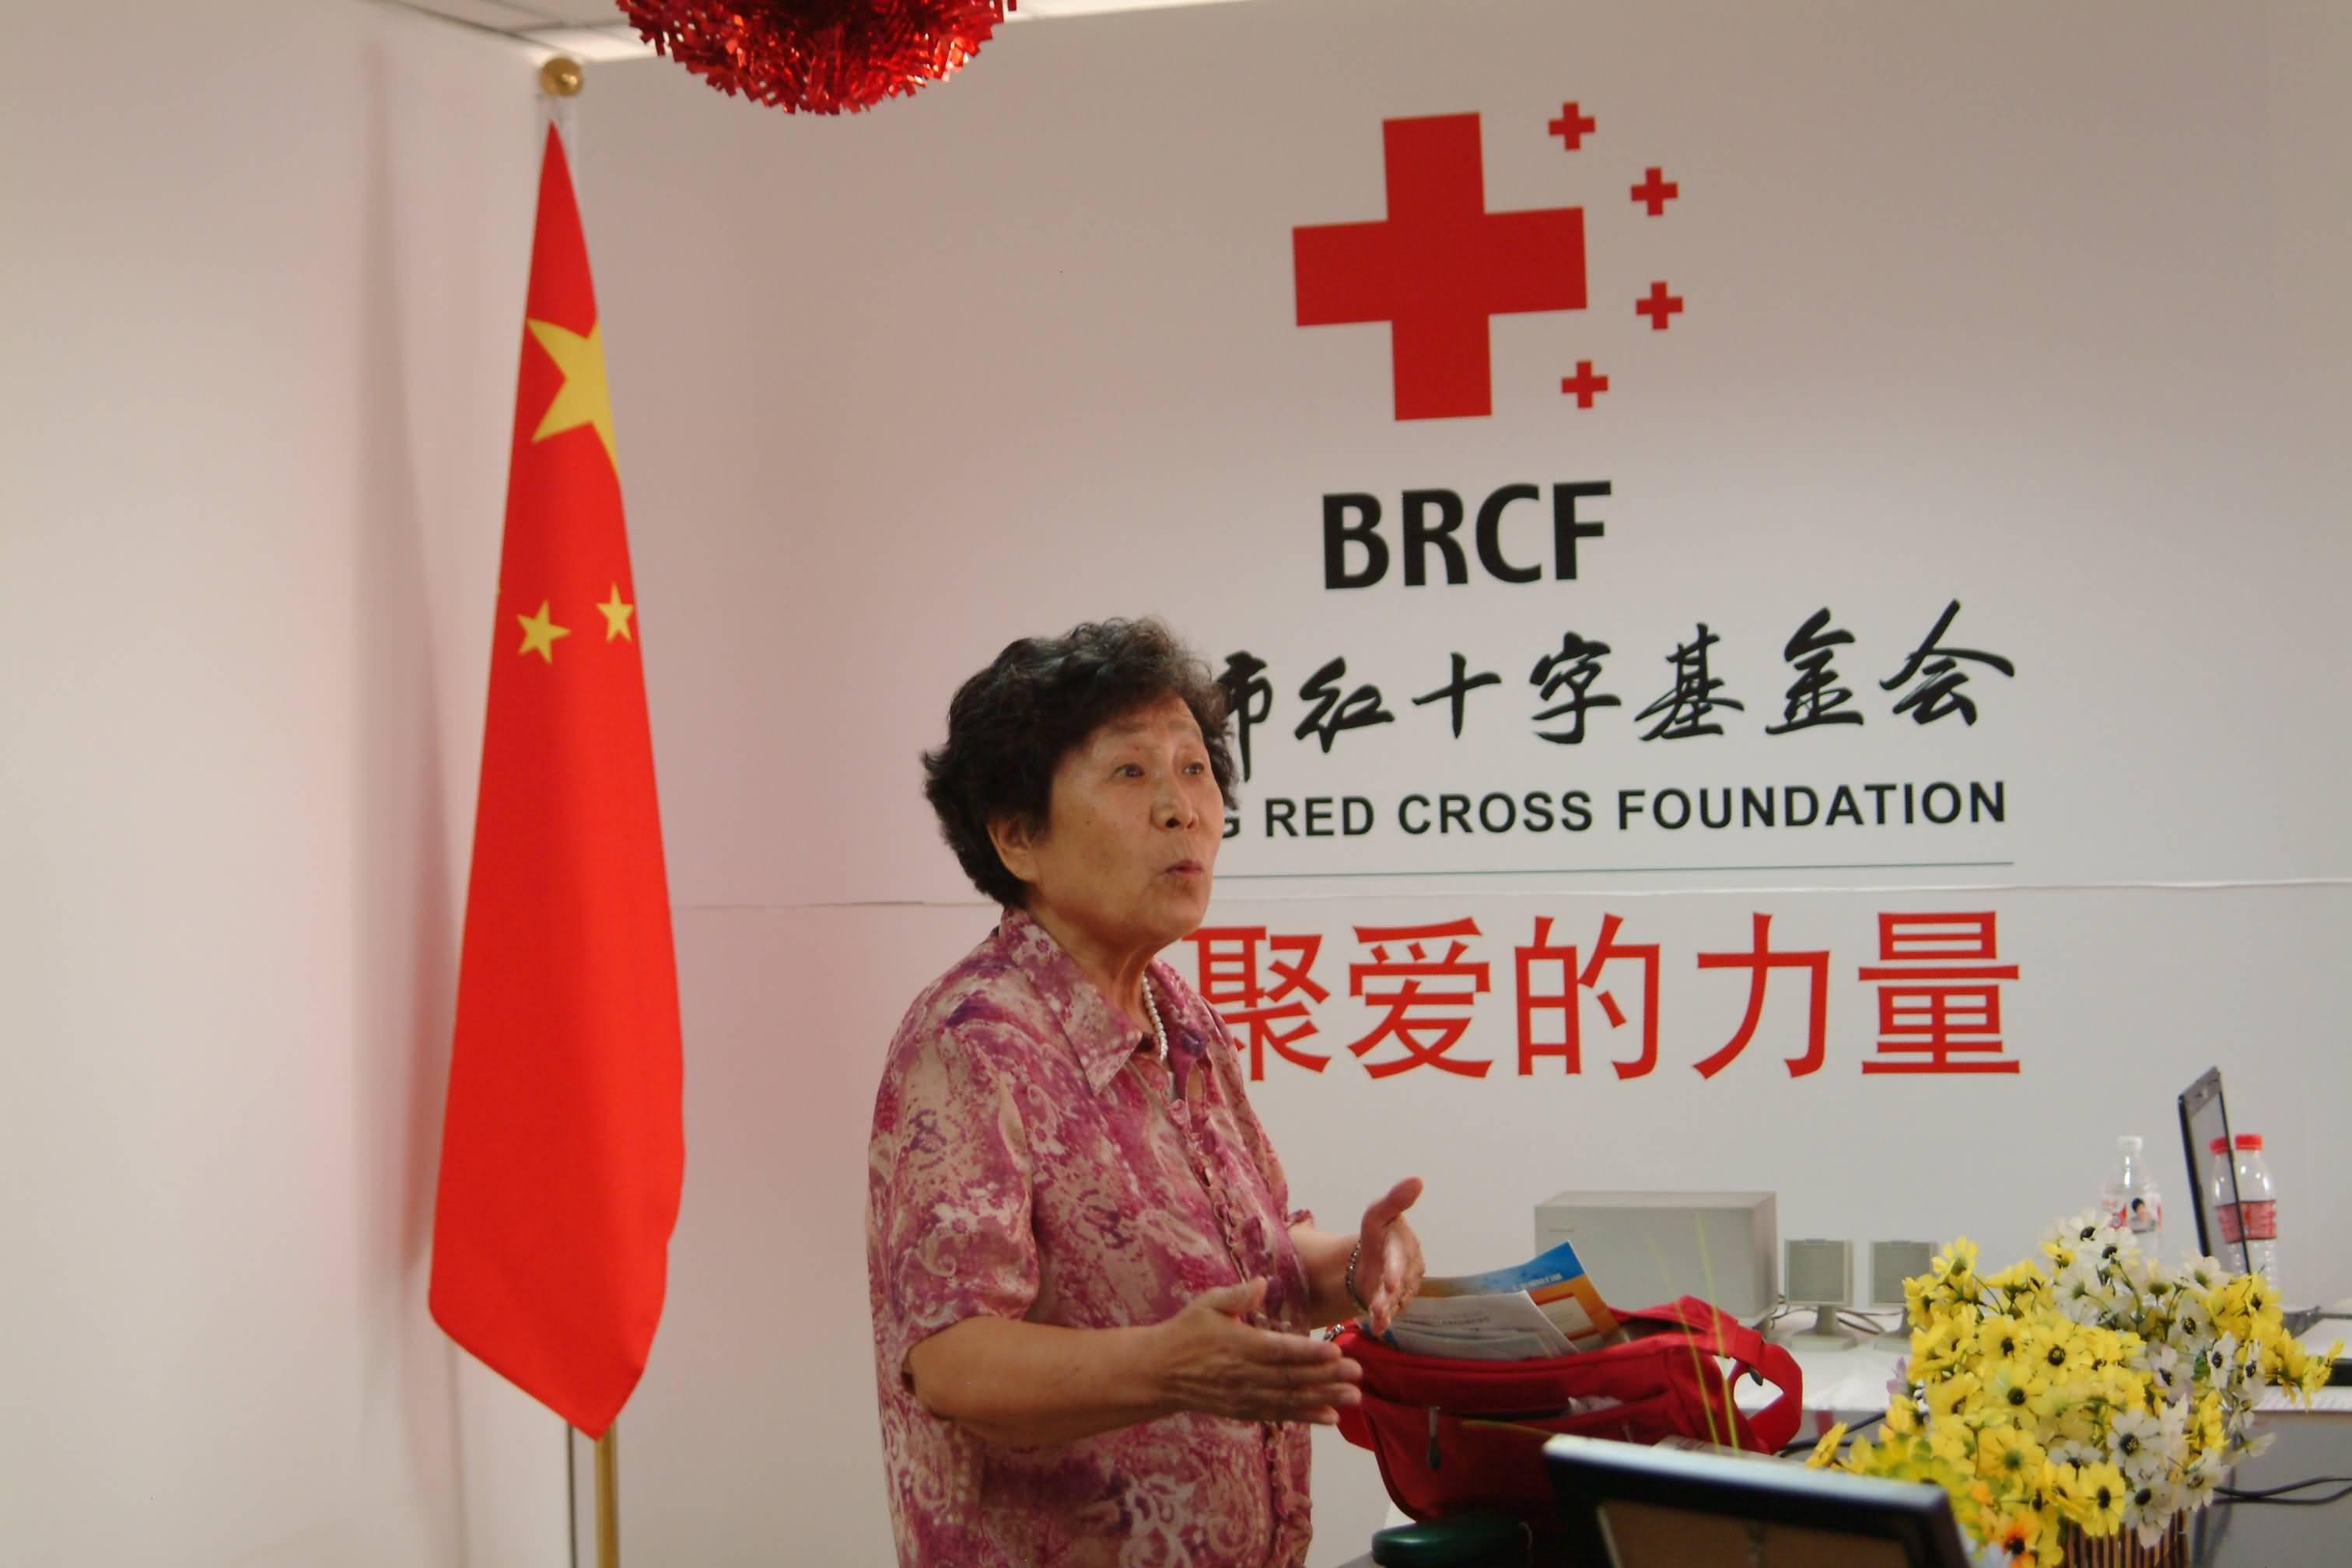 此次活动是北京[生命十字家园]首次以医患互动交流的方式开展的小型会议。通过活动,北京生命十字家园活动中心确定了会员可接受的首批活动科目并正式向广大会员开放。 成功抗癌十七年,郭林气功彭老师为癌症患者讲述自己的成功经验 癌症患者认真聆听彭老师的精彩讲座 参加活动的来宾有北京市红十字基金会项目部主任郑玉真、北京著名节目主持人罗冰梓、[癌症救助网]主编吕勇、[生命十字家园]园长王俊 查斯、郭林气功彭老师以及众多癌症患者等。 生命十字家园的工作人员与癌症患者们合影留念 会上,郭林气功班的彭老师为大家介绍了郭林气功